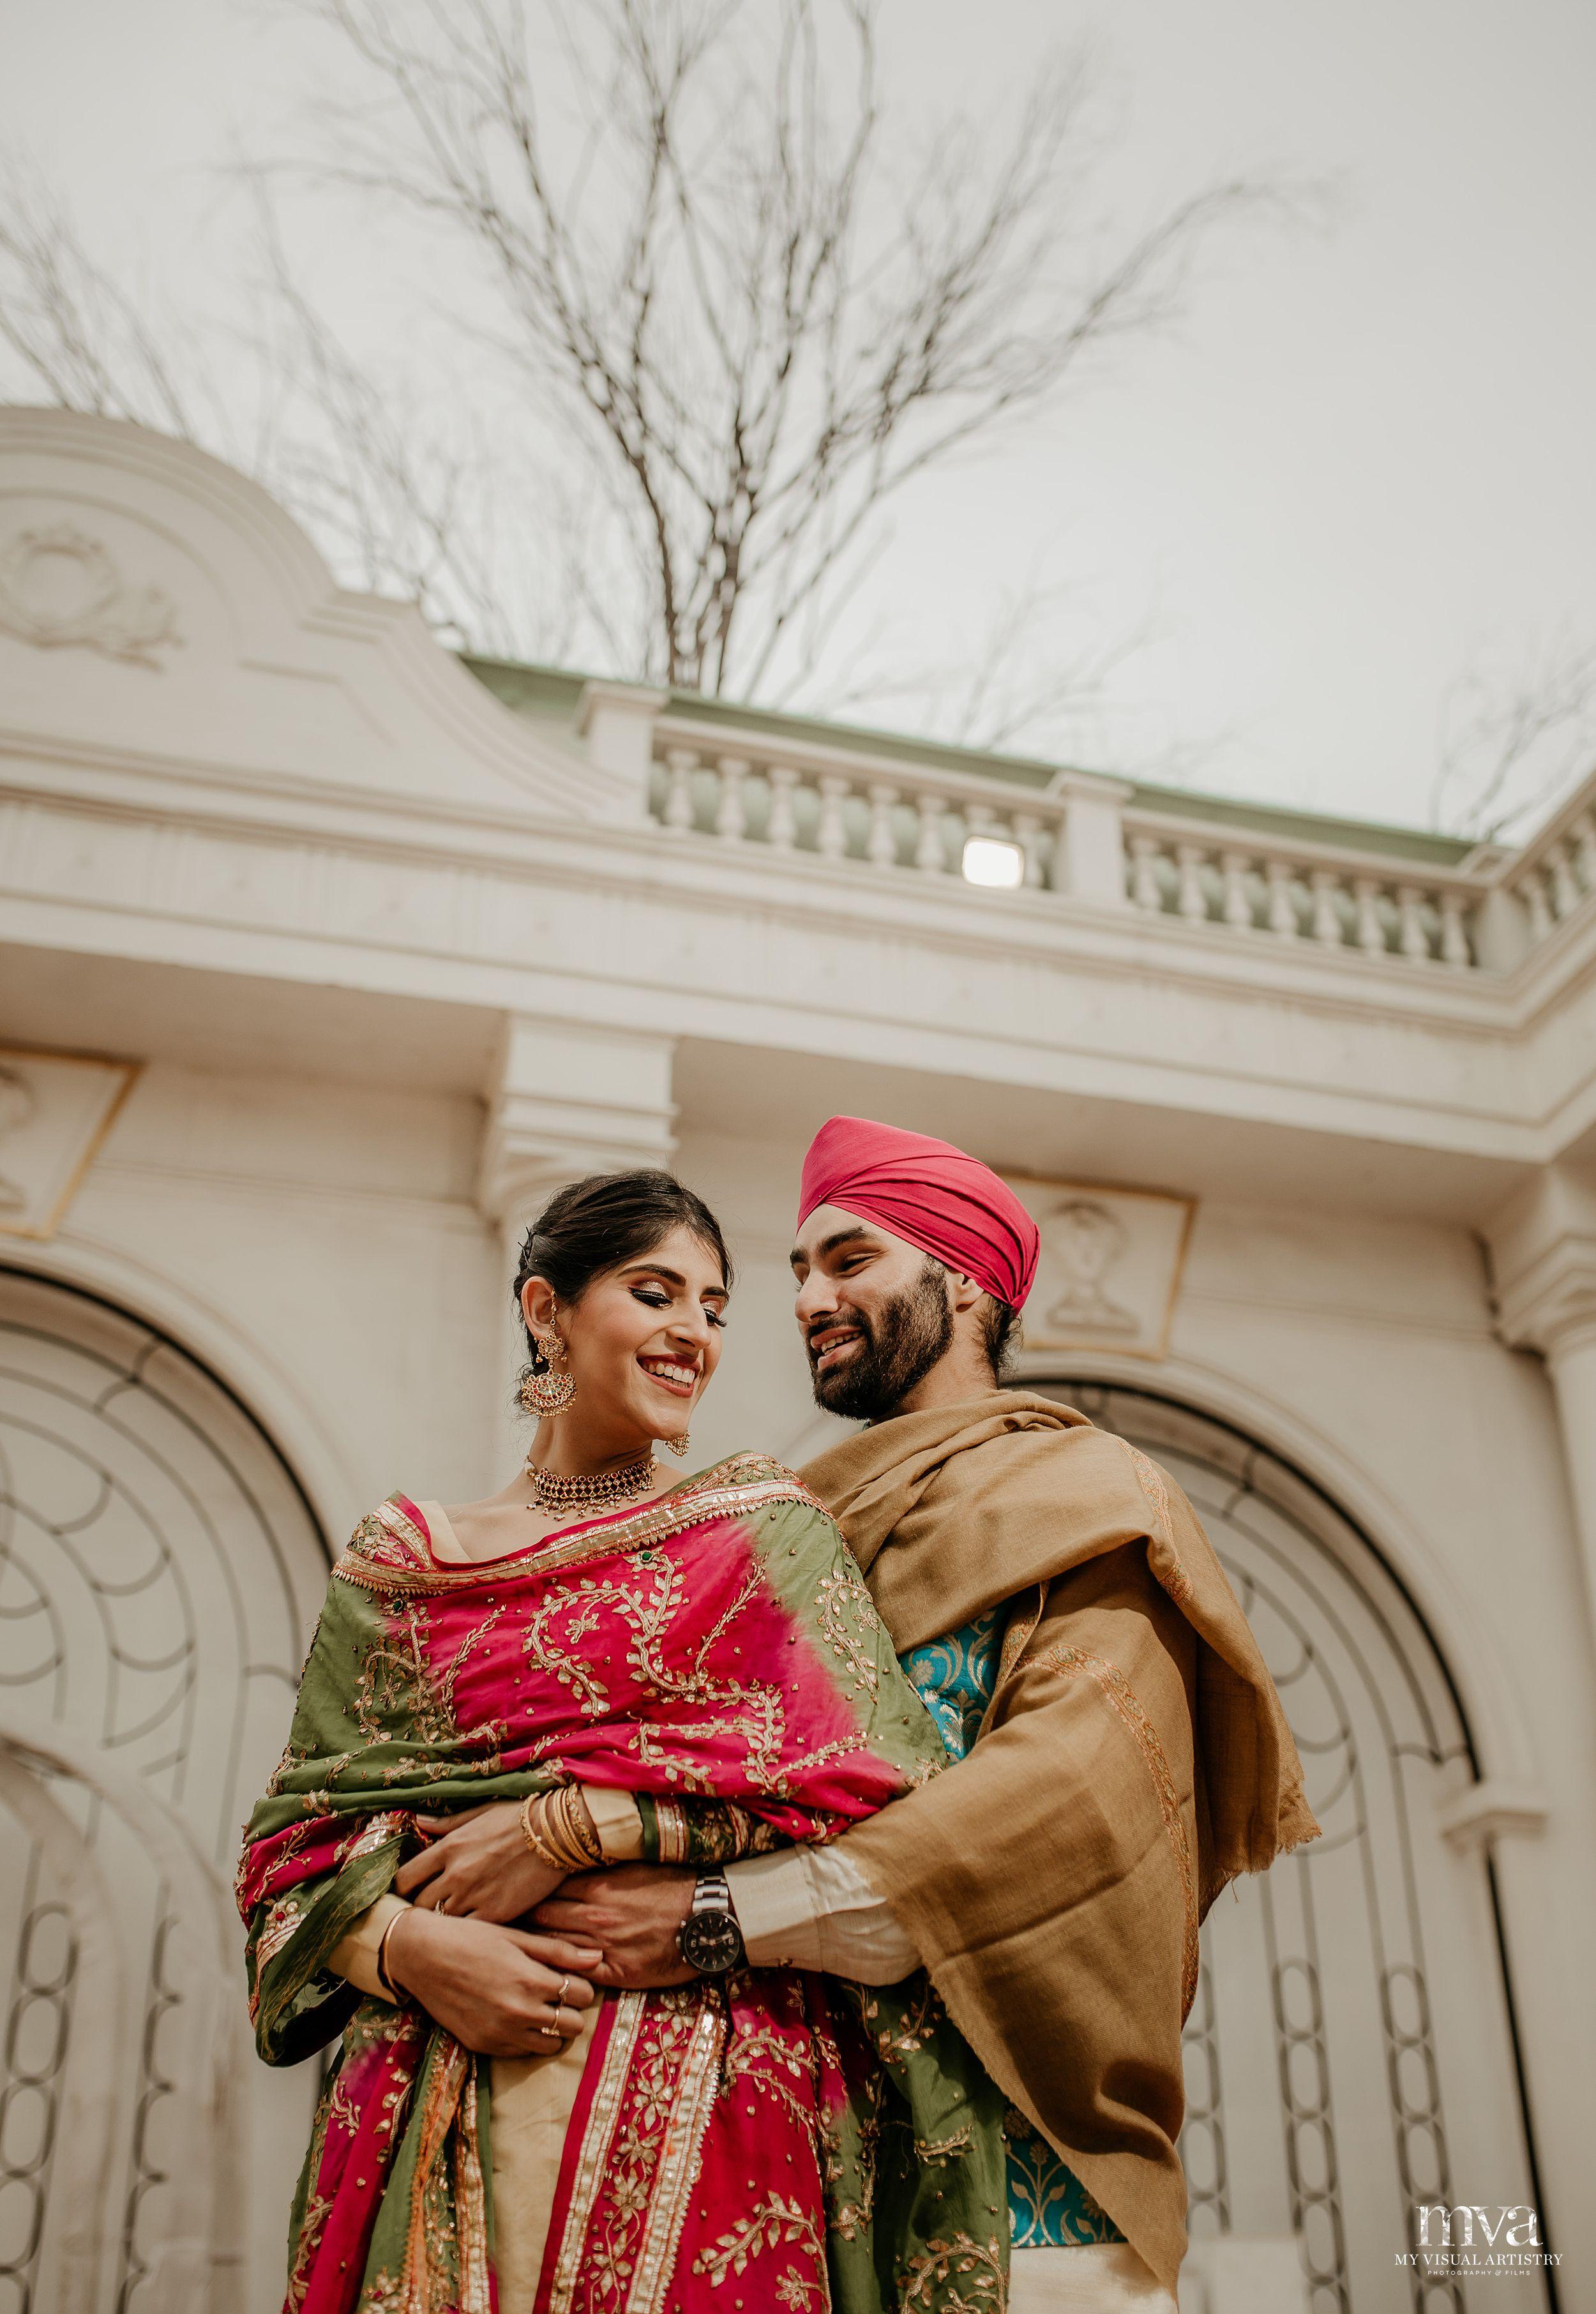 anant_arundhati_myvisualartistry_mva_wedding_sikh_ - 036.jpg